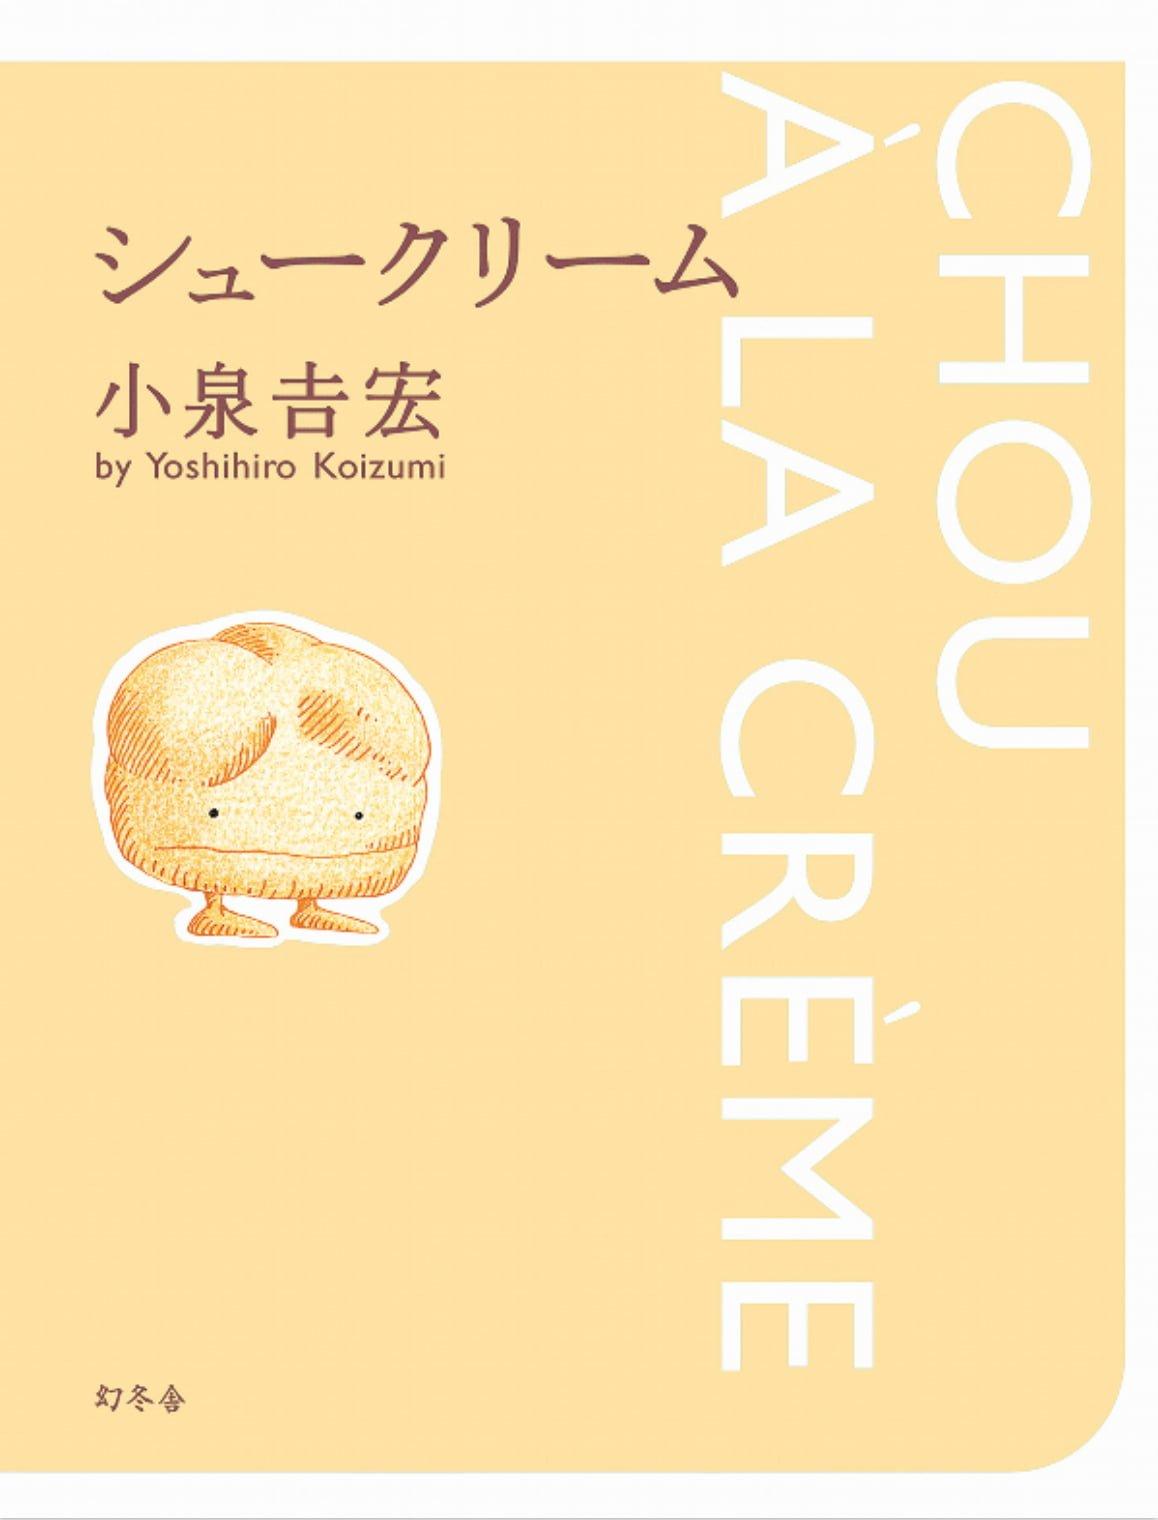 絵本「シュークリーム」の表紙